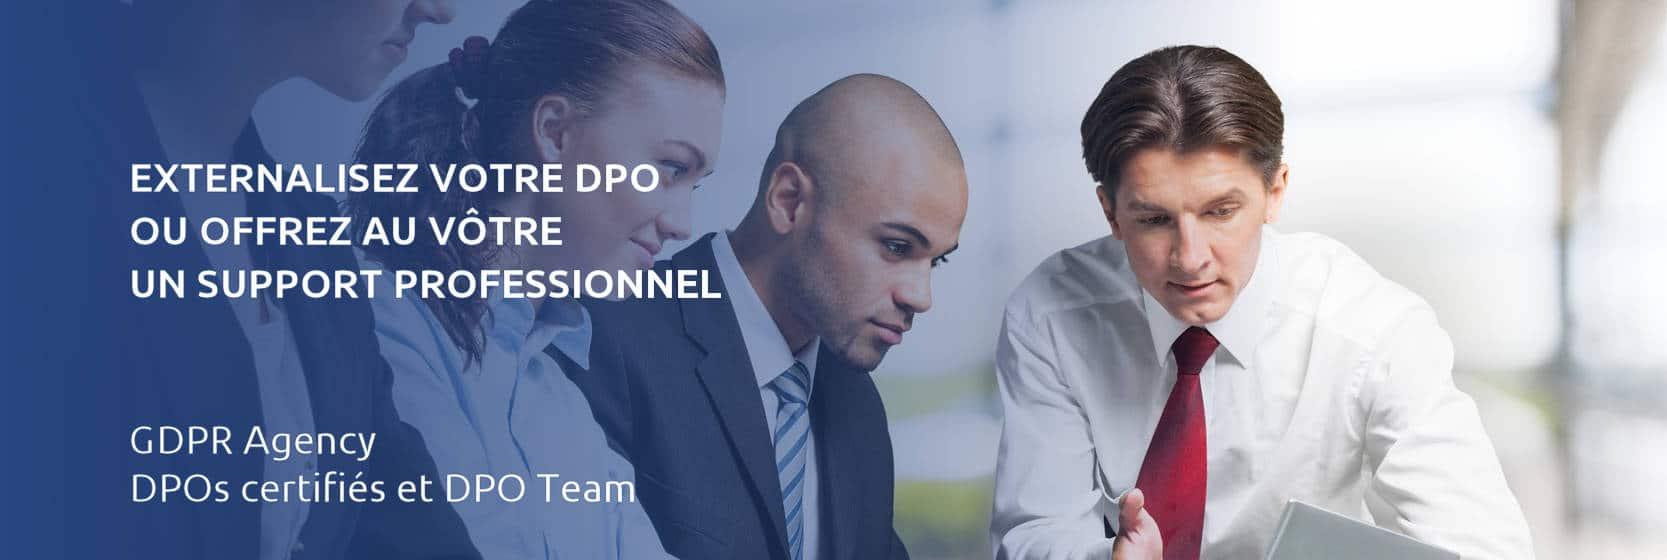 Externalisez votre DPO certifié (DPOaaS) chez GDPR Agency